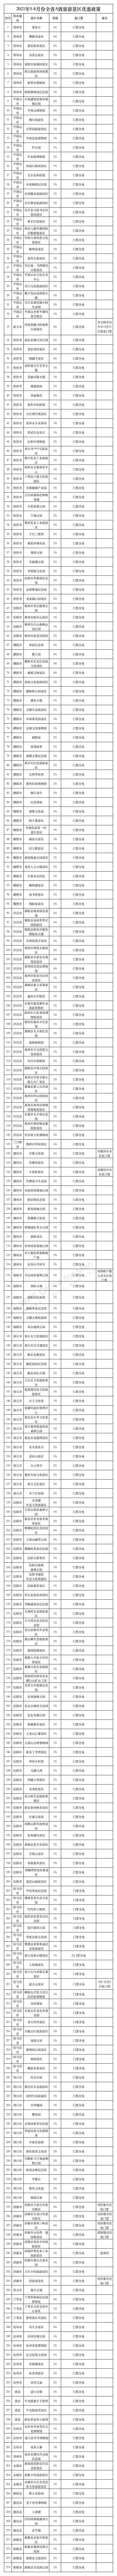 端午去哪里玩!河南274家景区免门票了~(附名单)_郑州旅游攻略